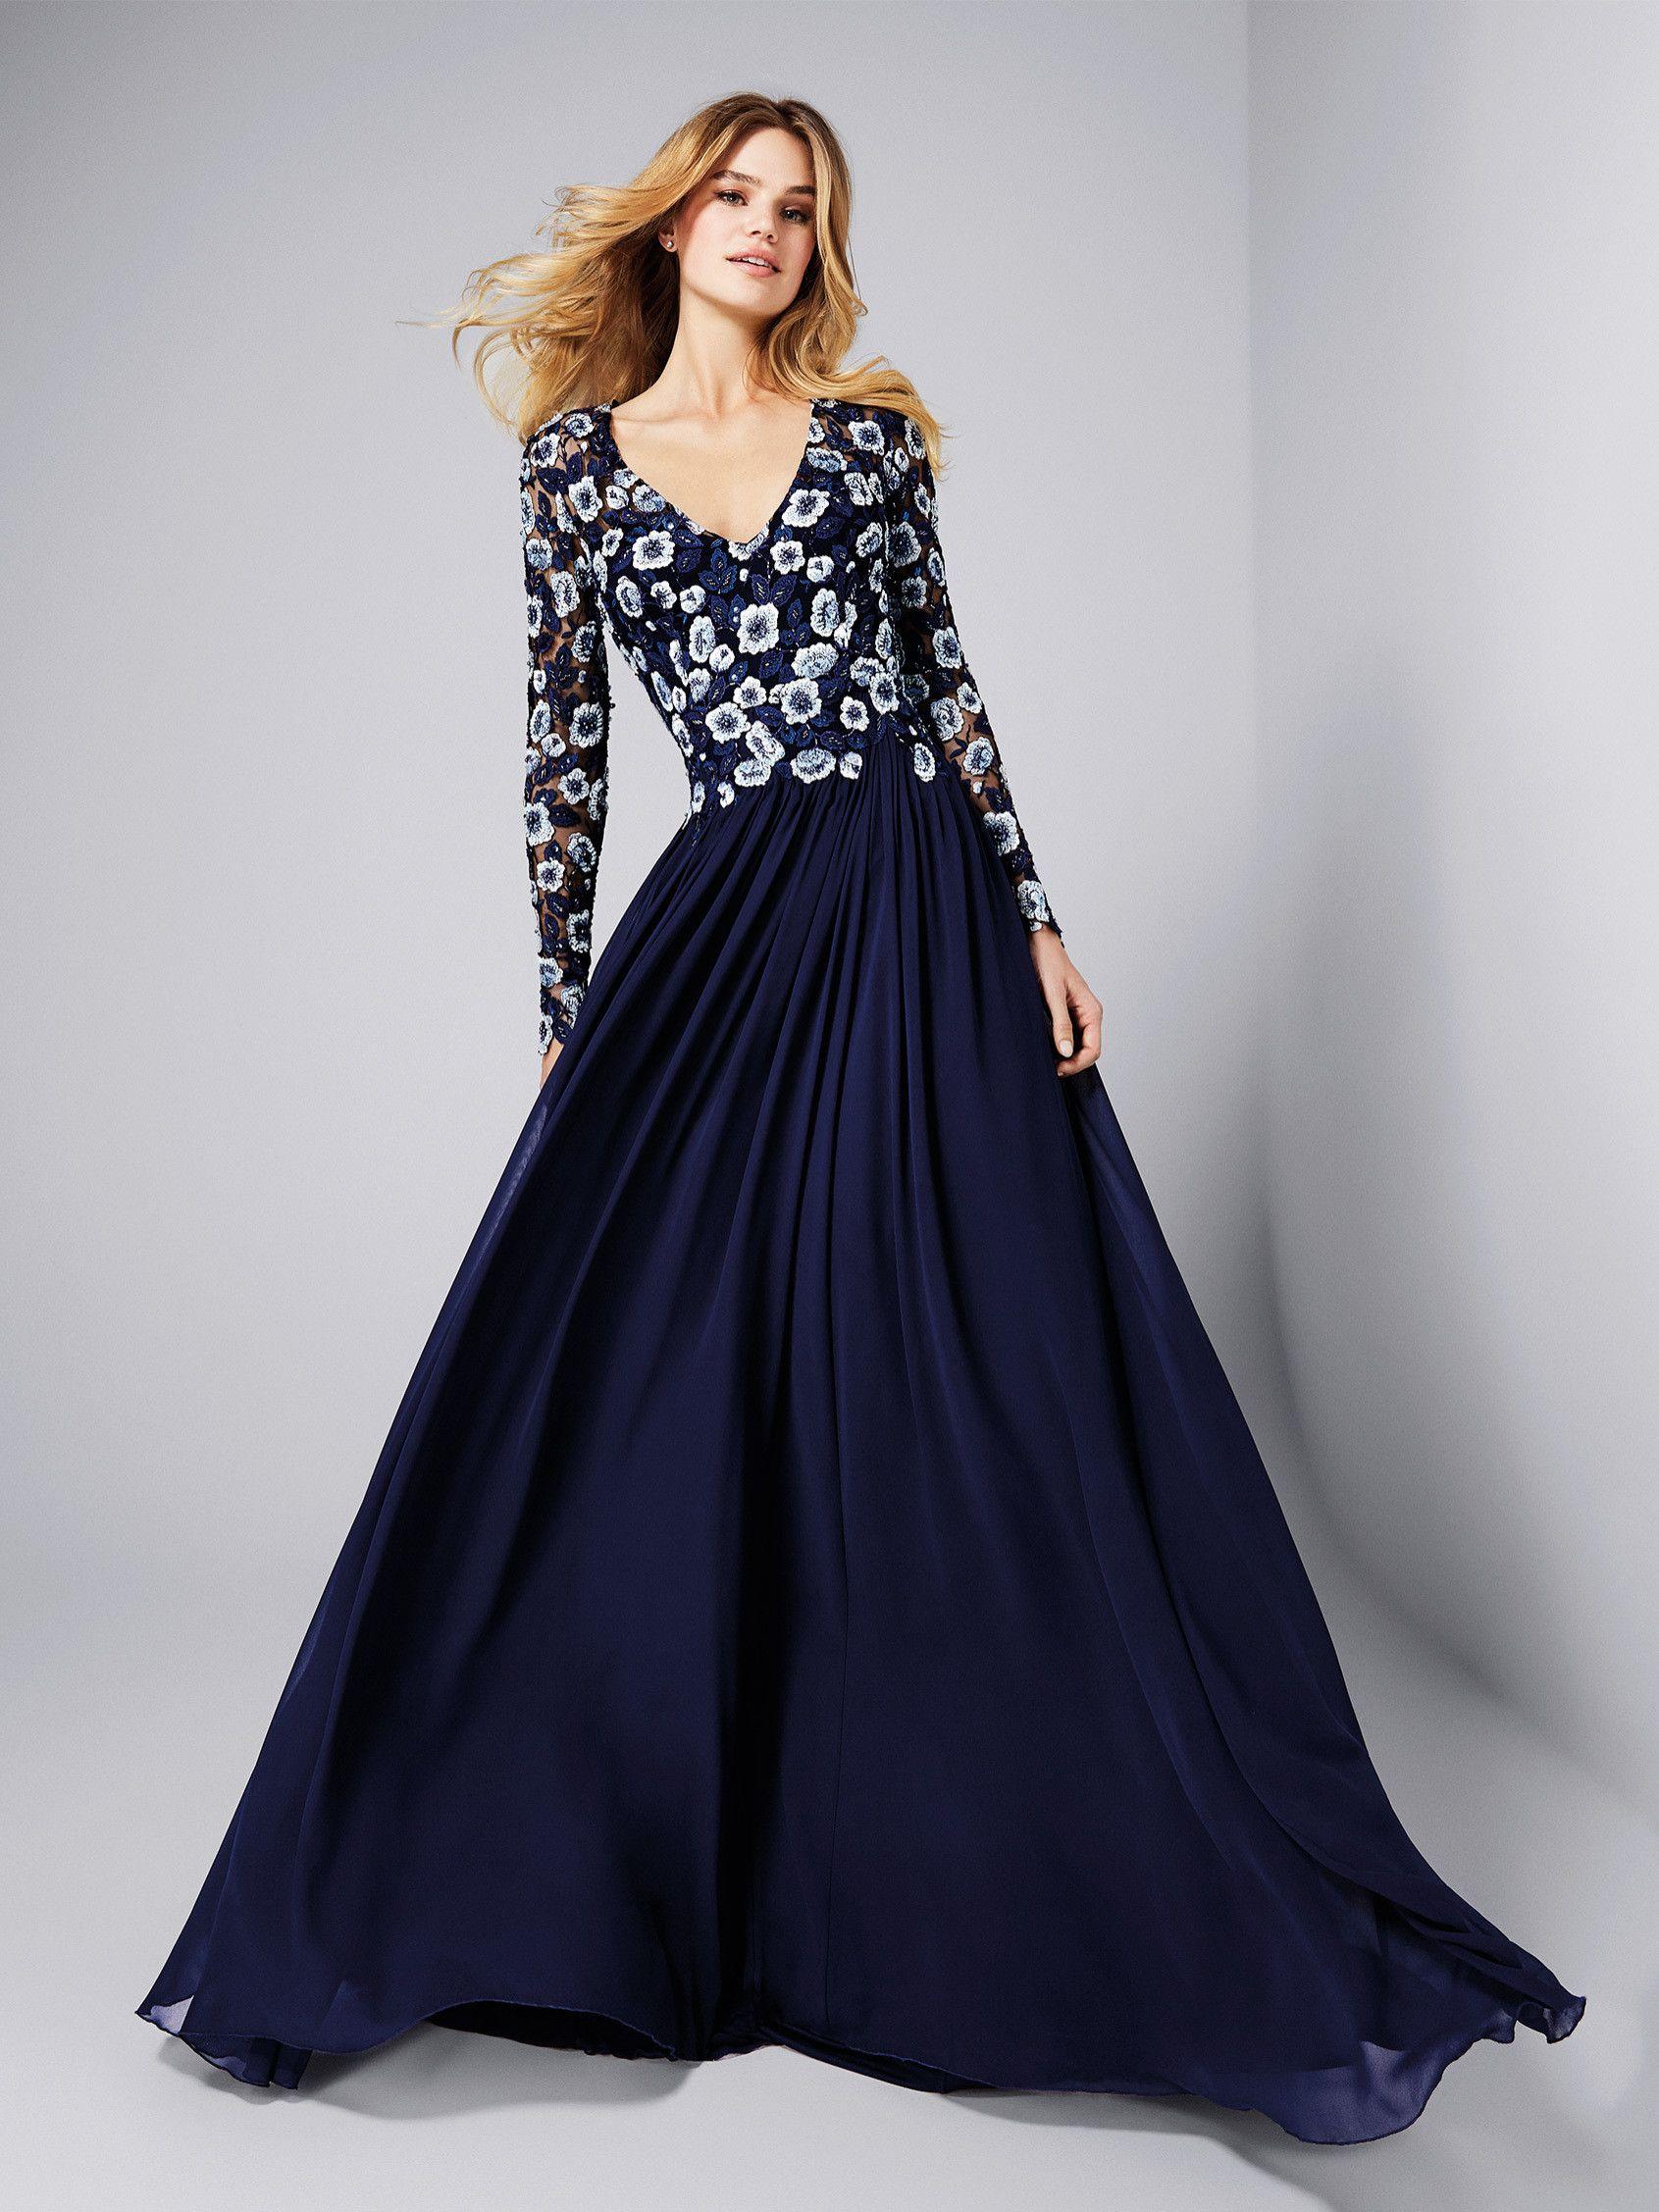 56ee476ff Vestido de fiesta falda de gasa - Colección fiesta 2018 Pronovias ...